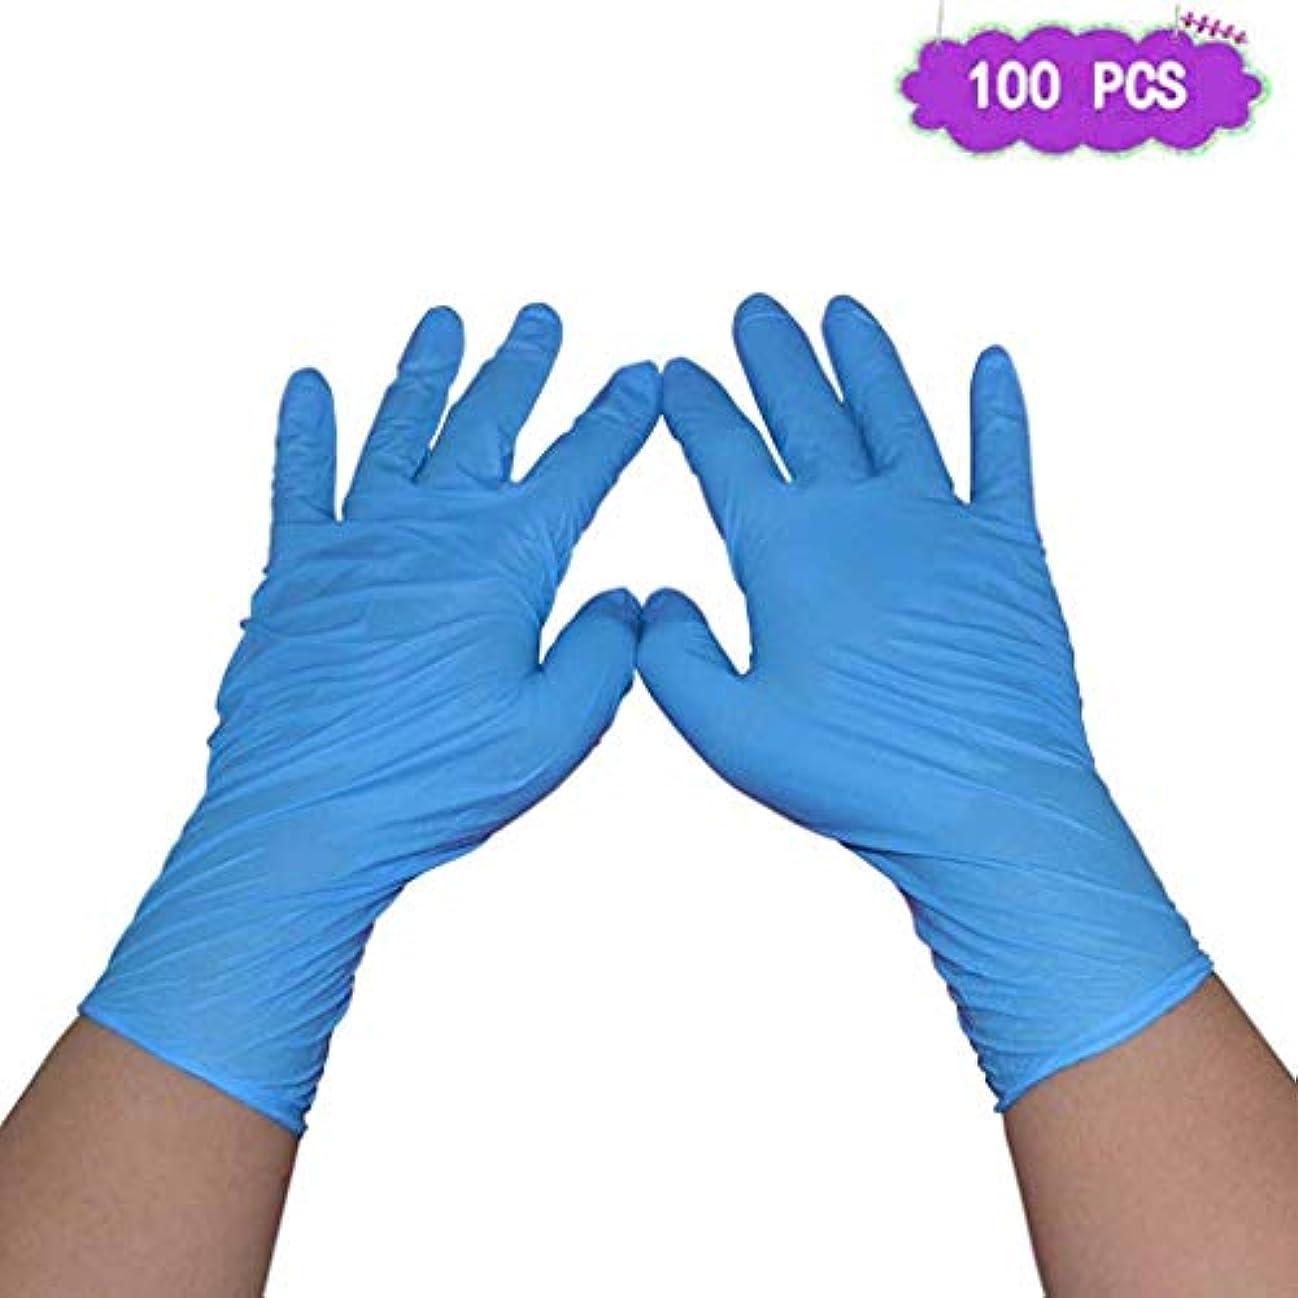 リーチ有益な製造12インチの長い肥厚ニトリル手袋使い捨て手袋ニトリルラテックス食品試験ゴム義務試験手袋|病院向けのプロフェッショナルグレード (Size : M)